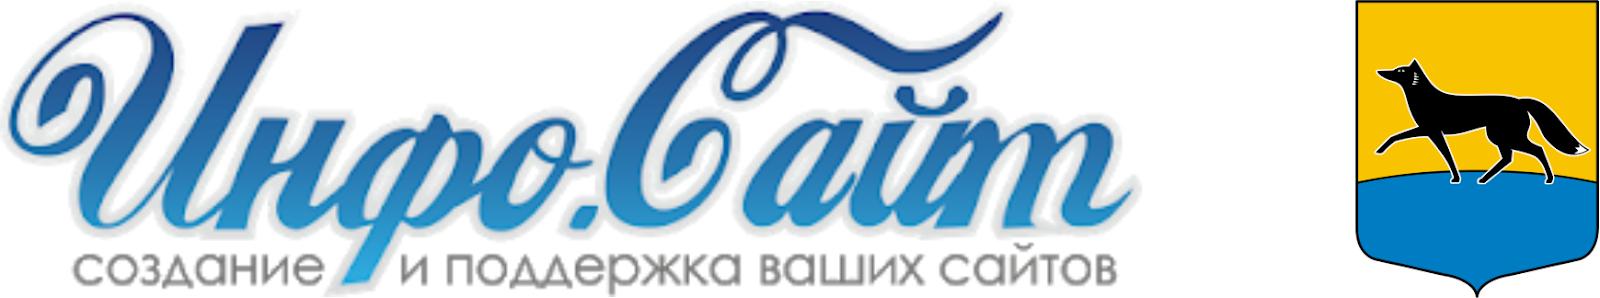 Сургут 🌍 Новости : Информационный агрегатор Инфо-Сайт